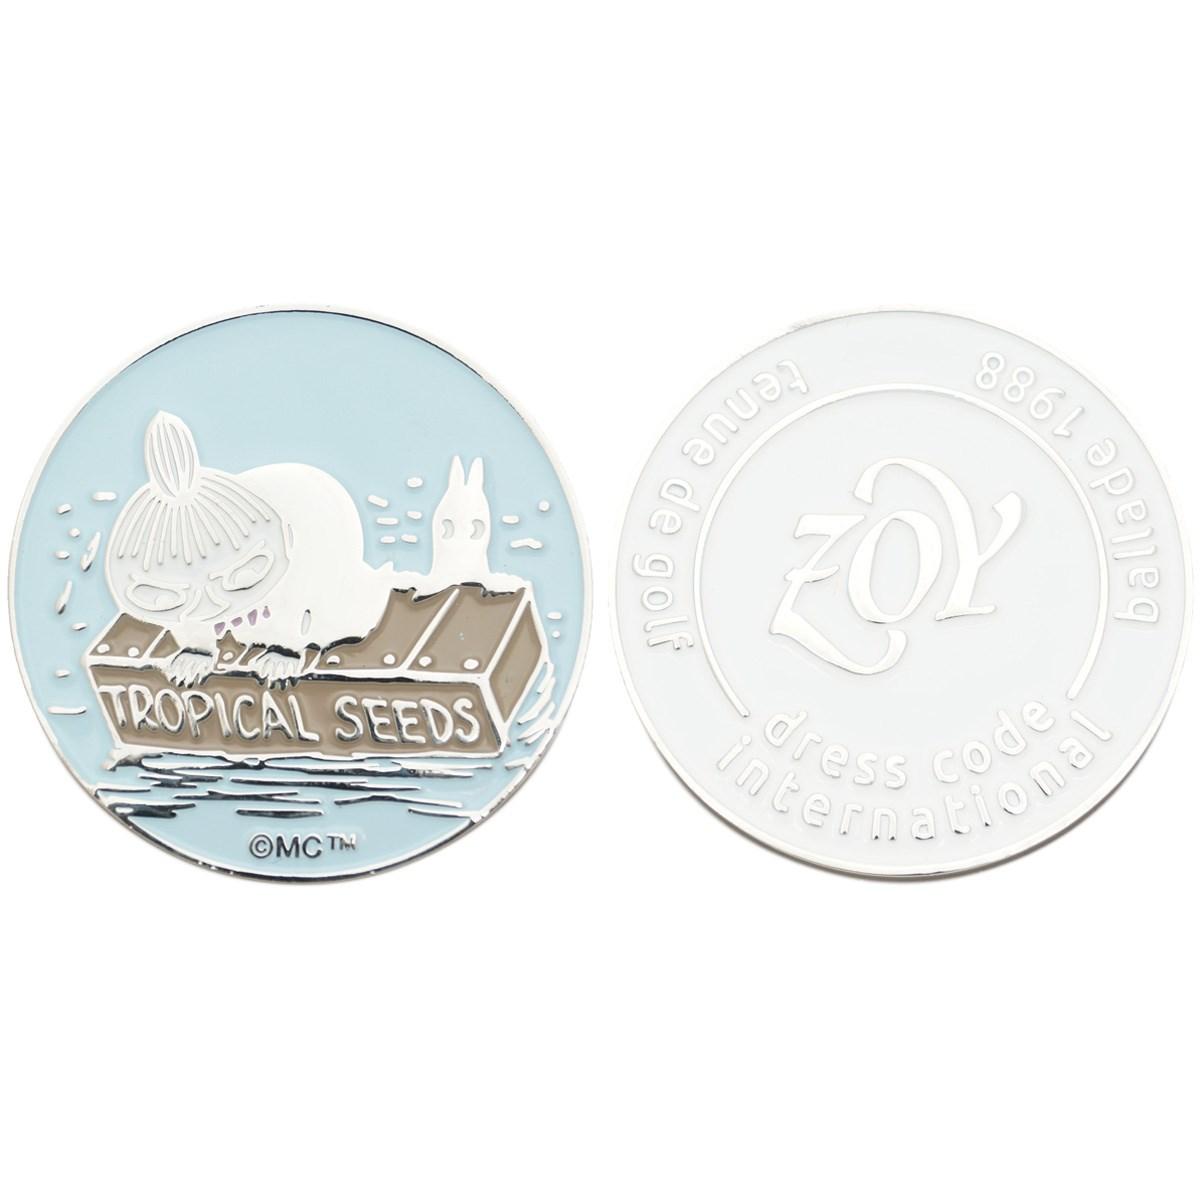 ZOY Moomin カジノチップマーカー